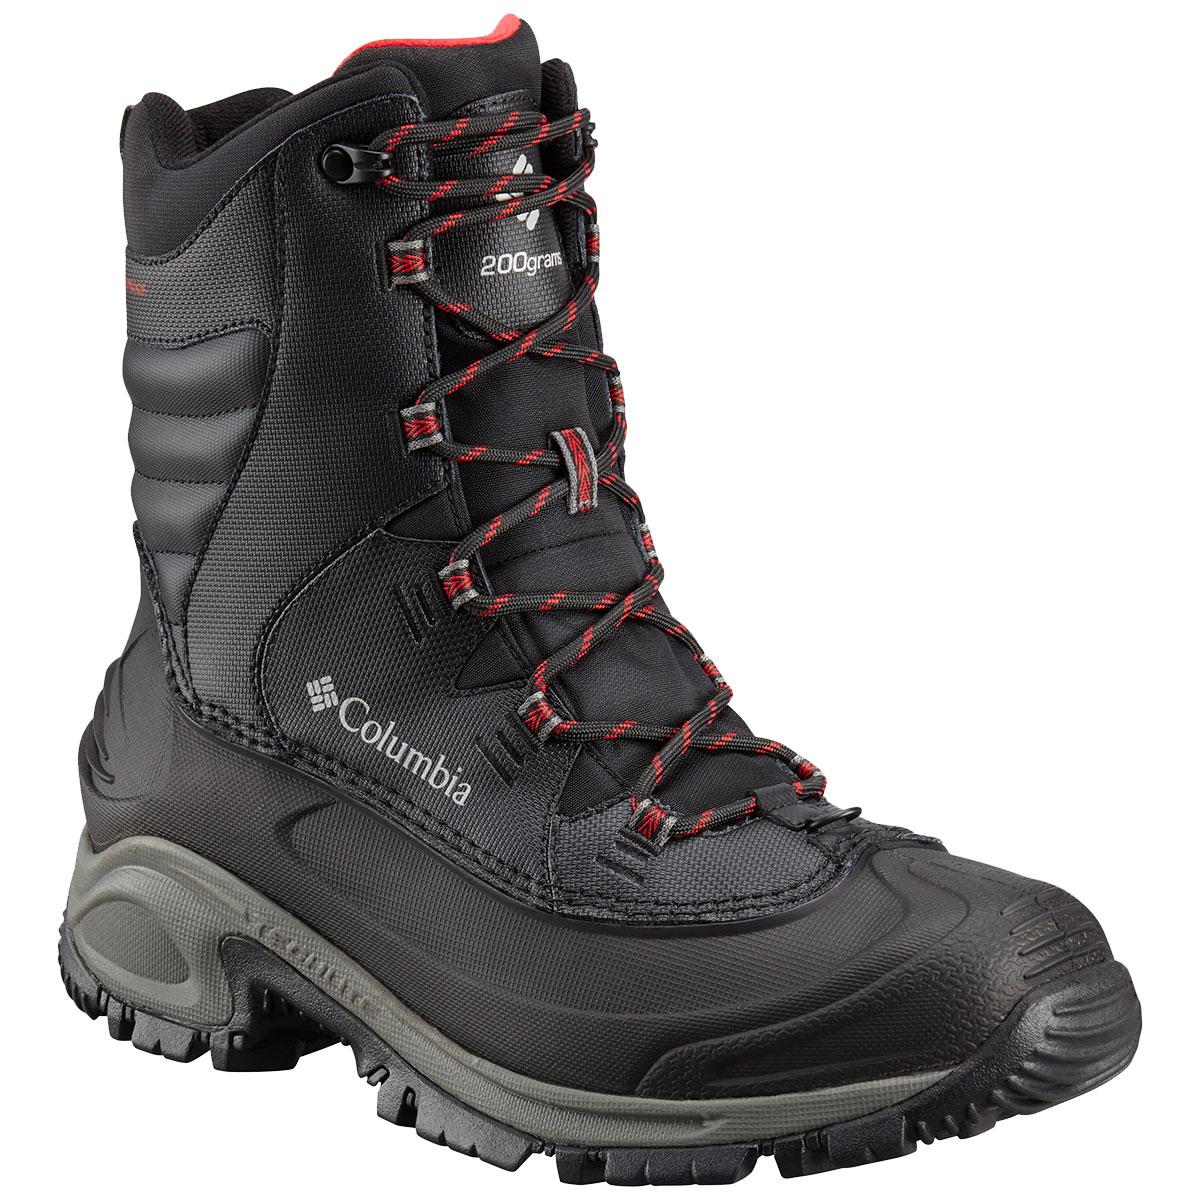 Columbia Men's Bugaboot Iii Waterproof Insulated Storm Boots, Wide - Black, 13